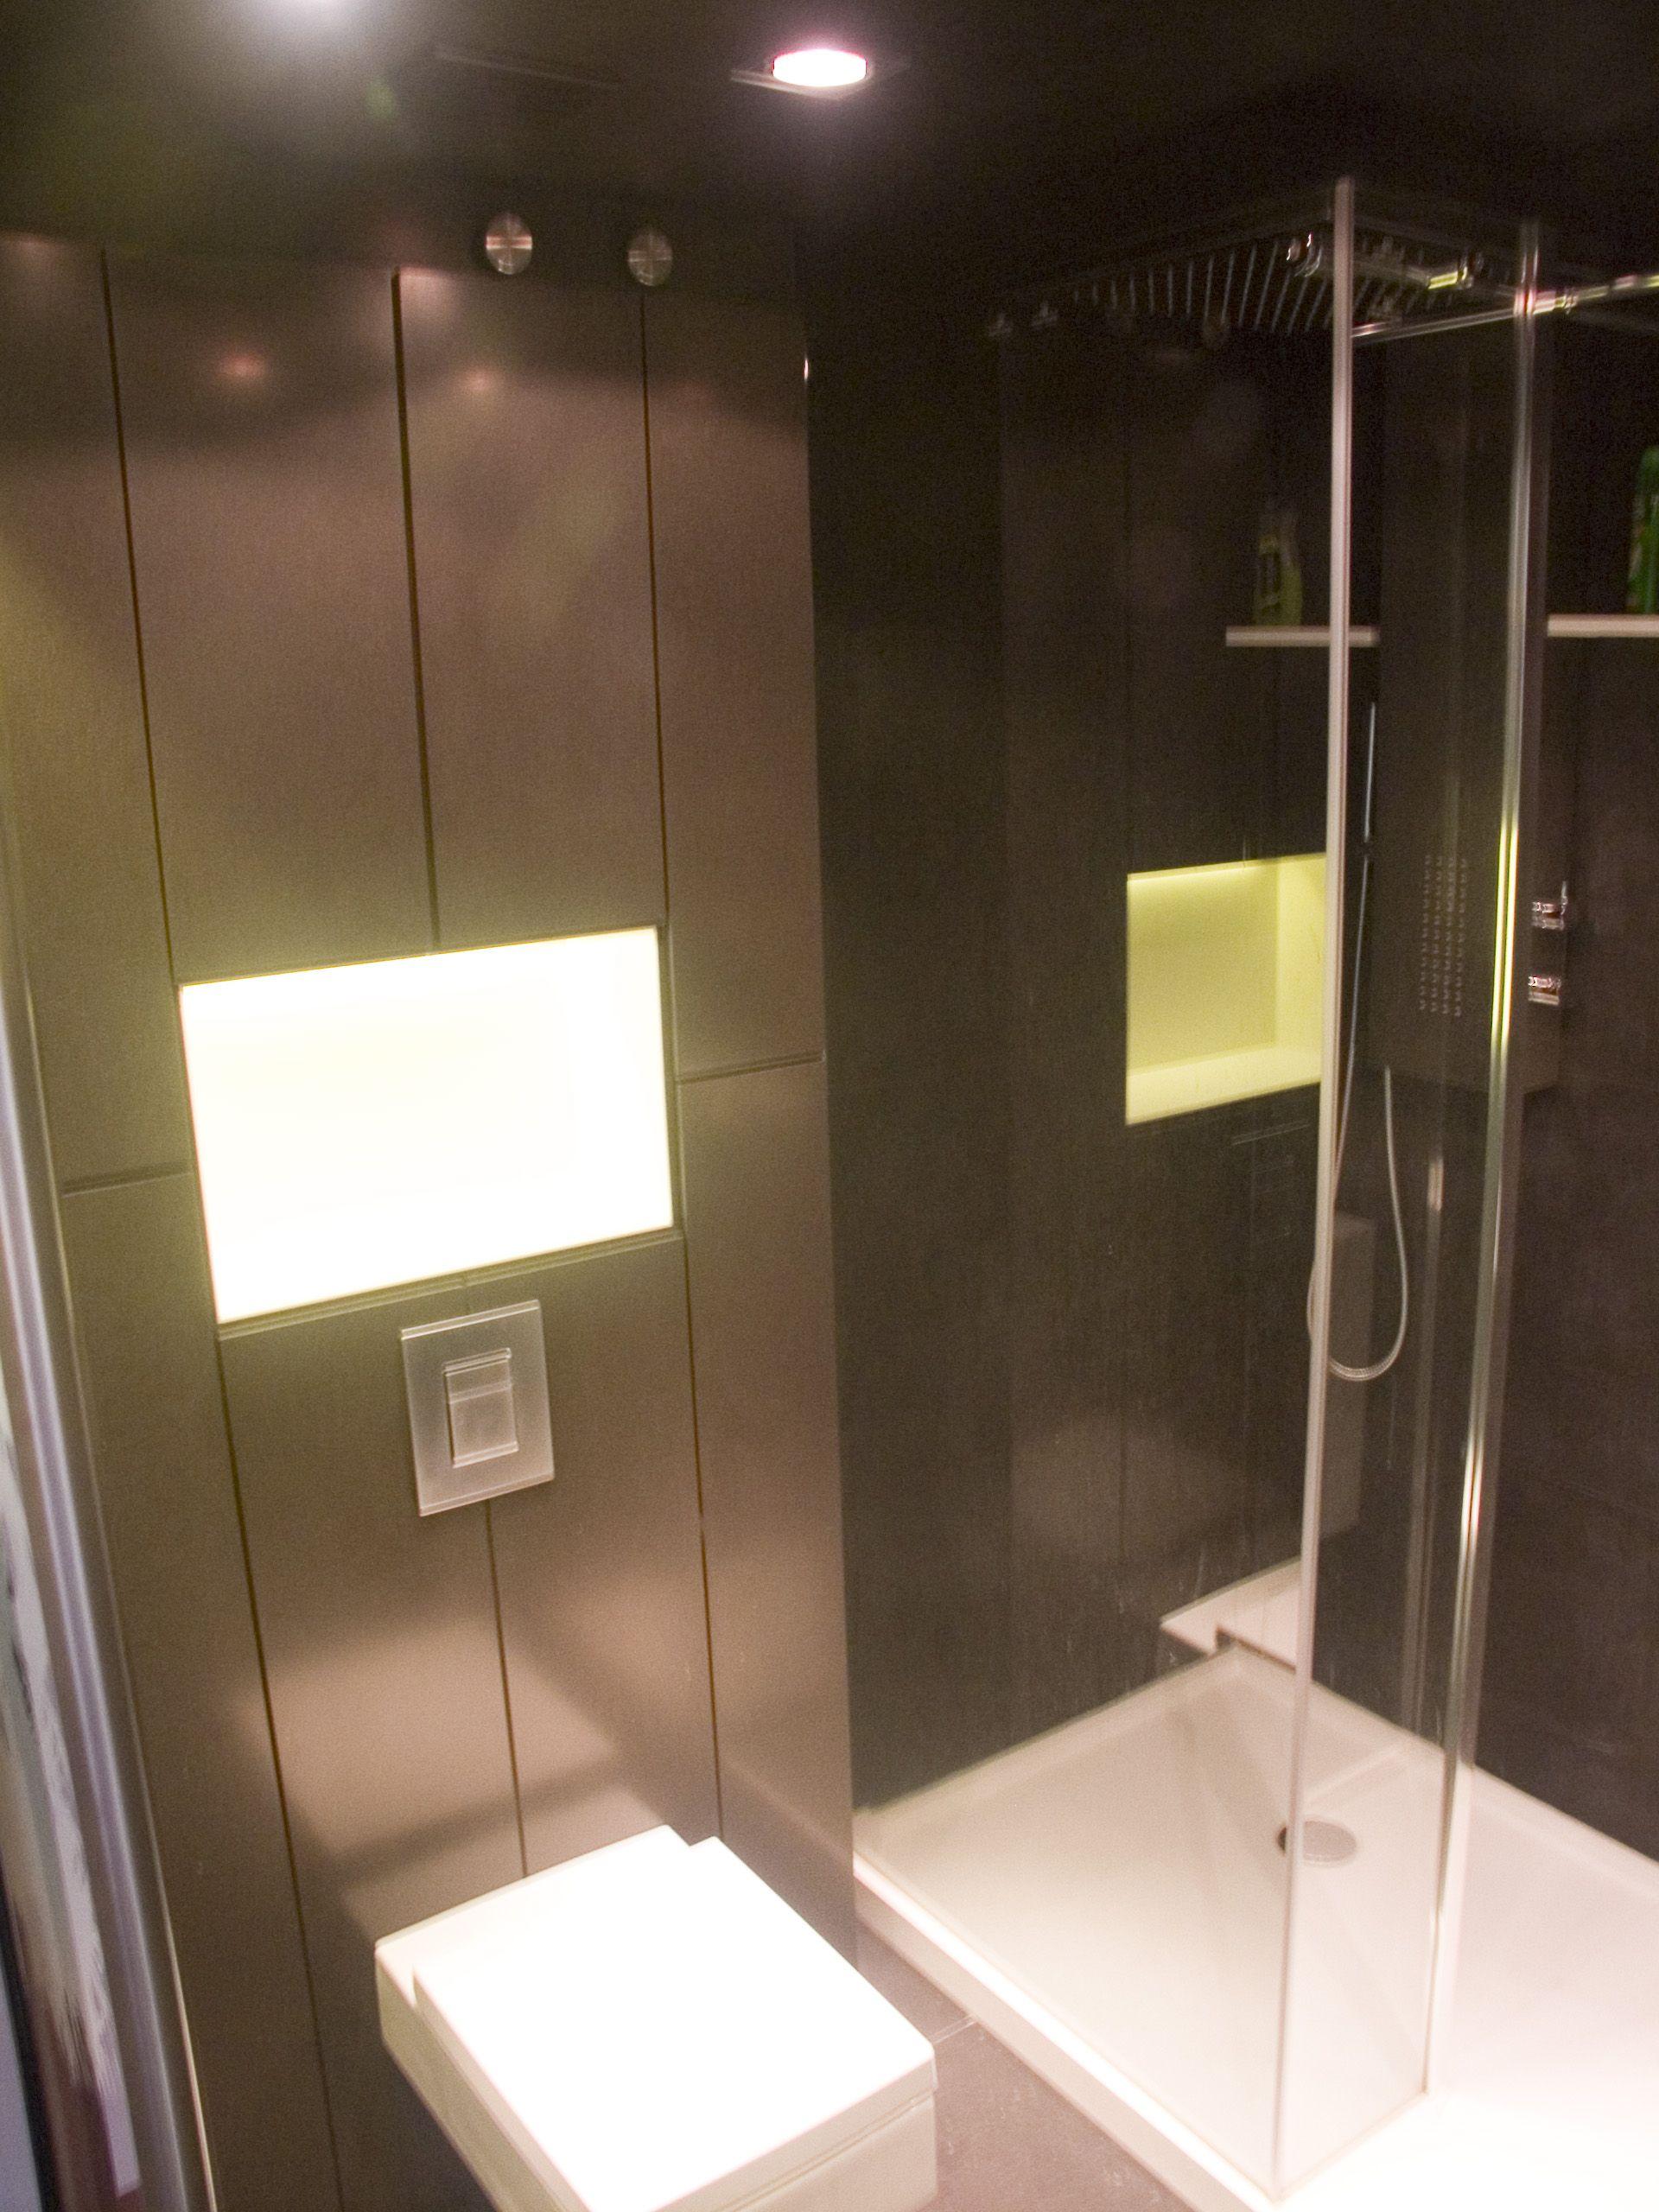 Reforma de Dúplex. En Vitoria, Alava, Spain. Proyecto realizado por Javier Yrazu Bajo. Crokis Proyectos. +34629447373